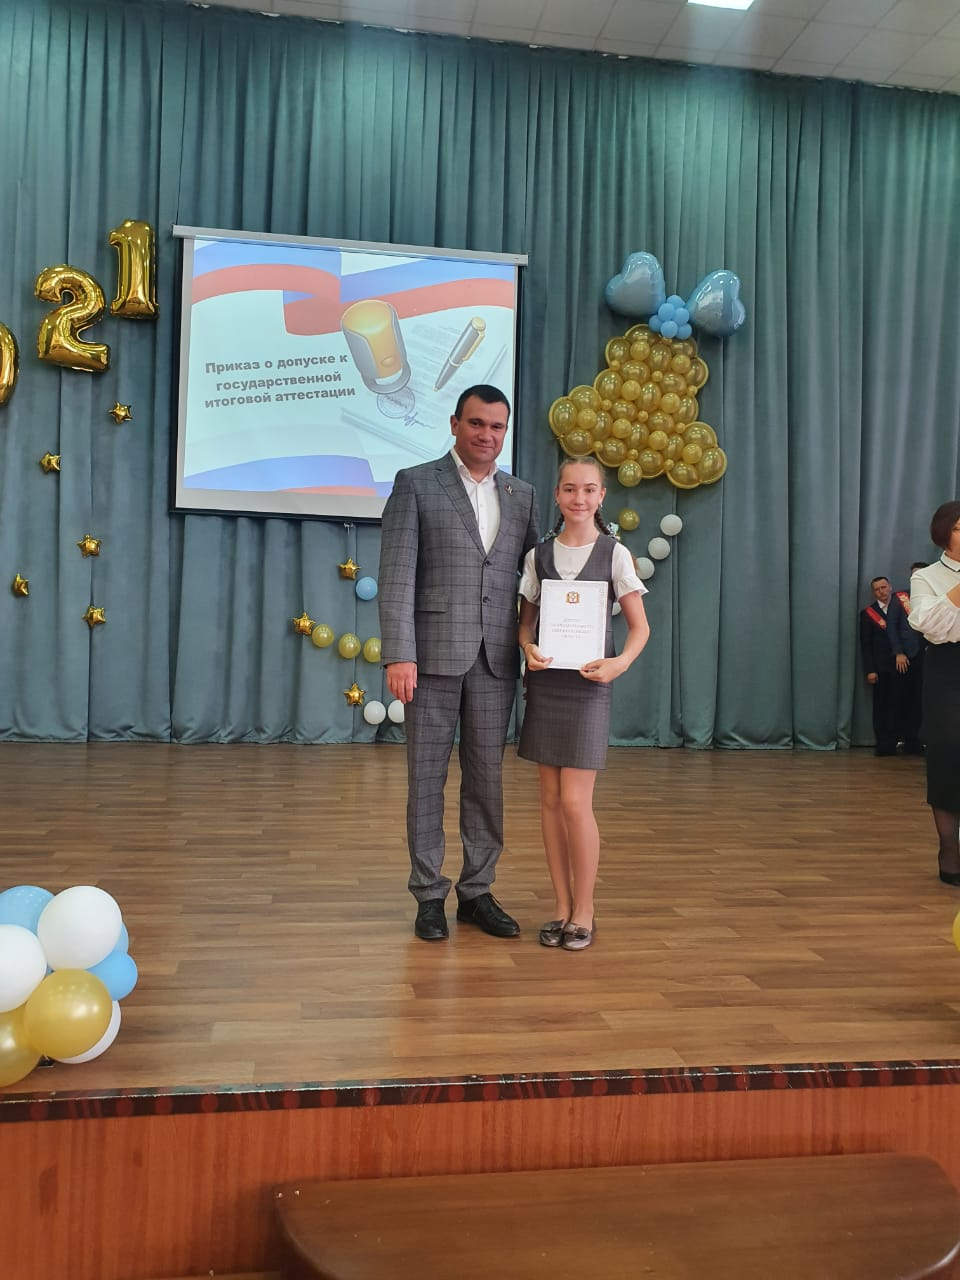 Омские школьники получили премии за успехи в учебе #Новости #Общество #Омск